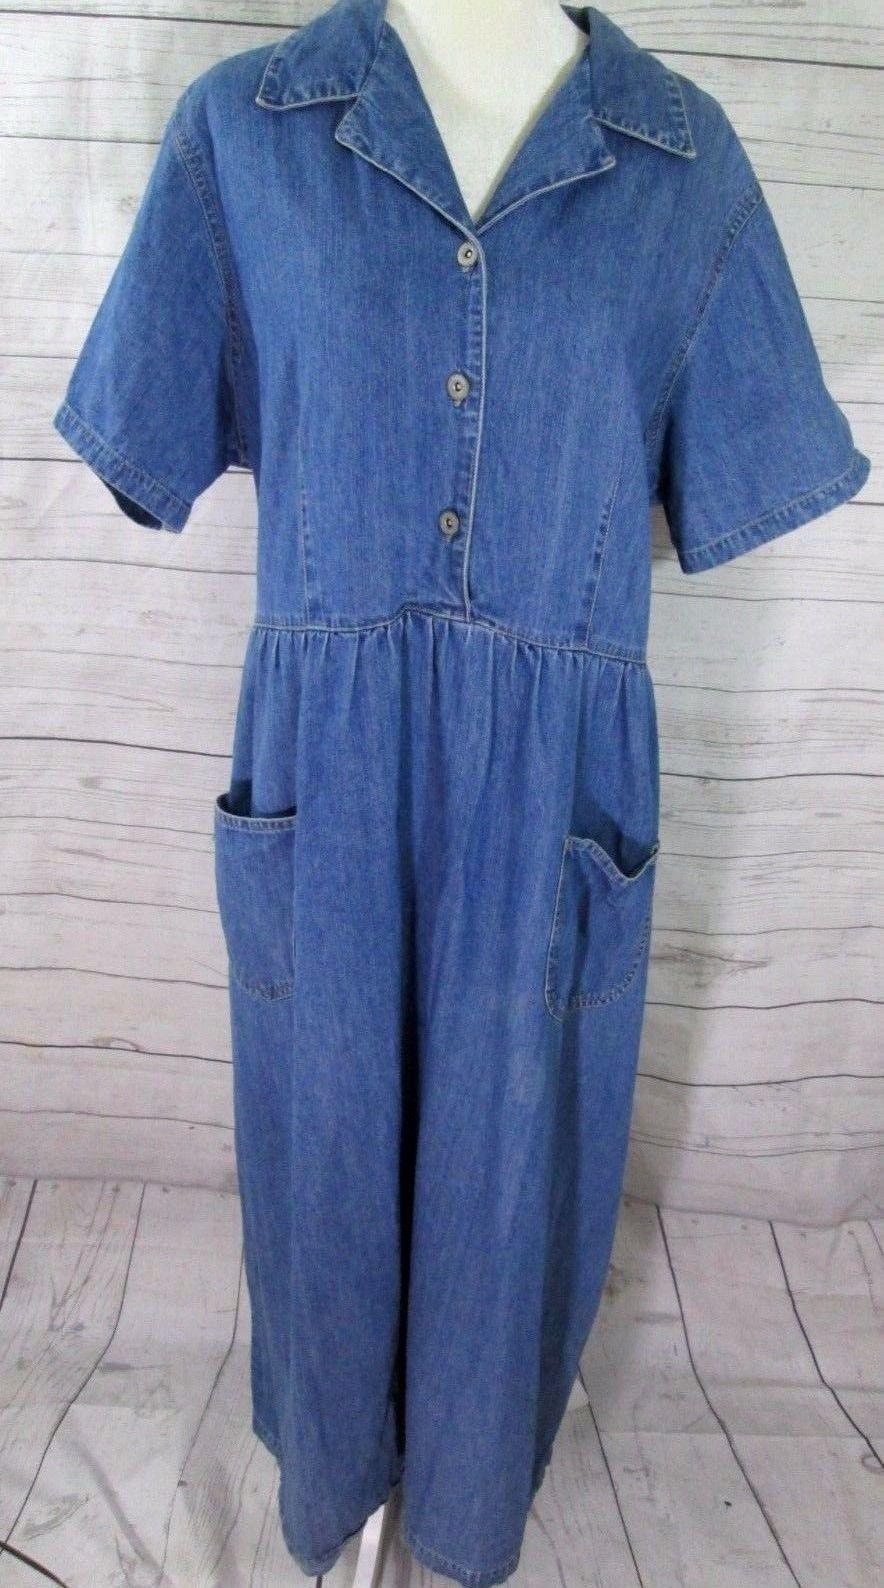 Bill blass blue denim jean dress jumper cotton plus size x